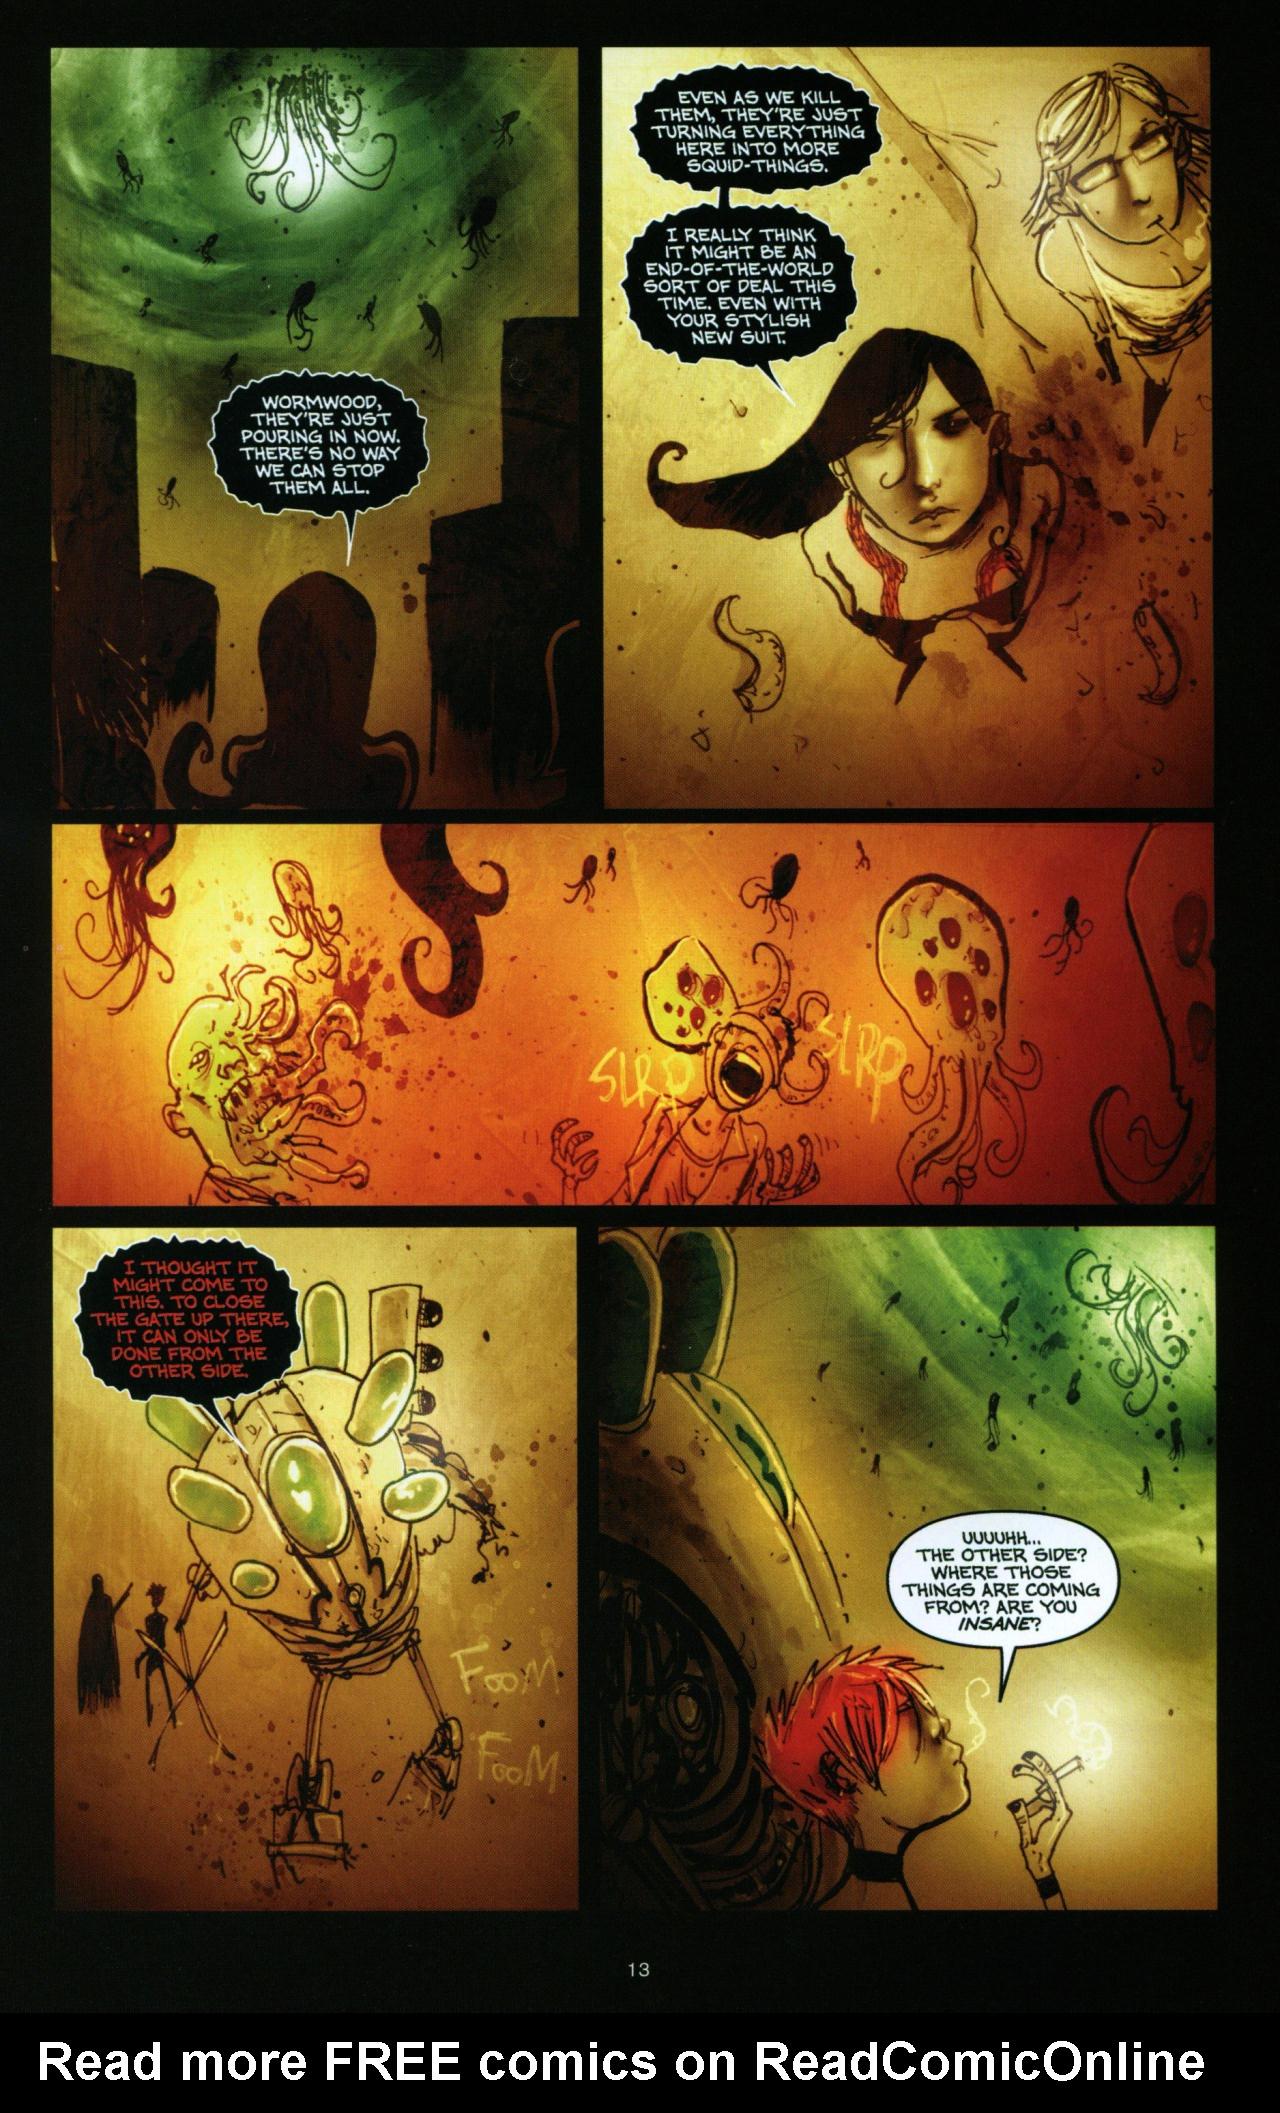 Read online Wormwood: Gentleman Corpse comic -  Issue #10 - 14